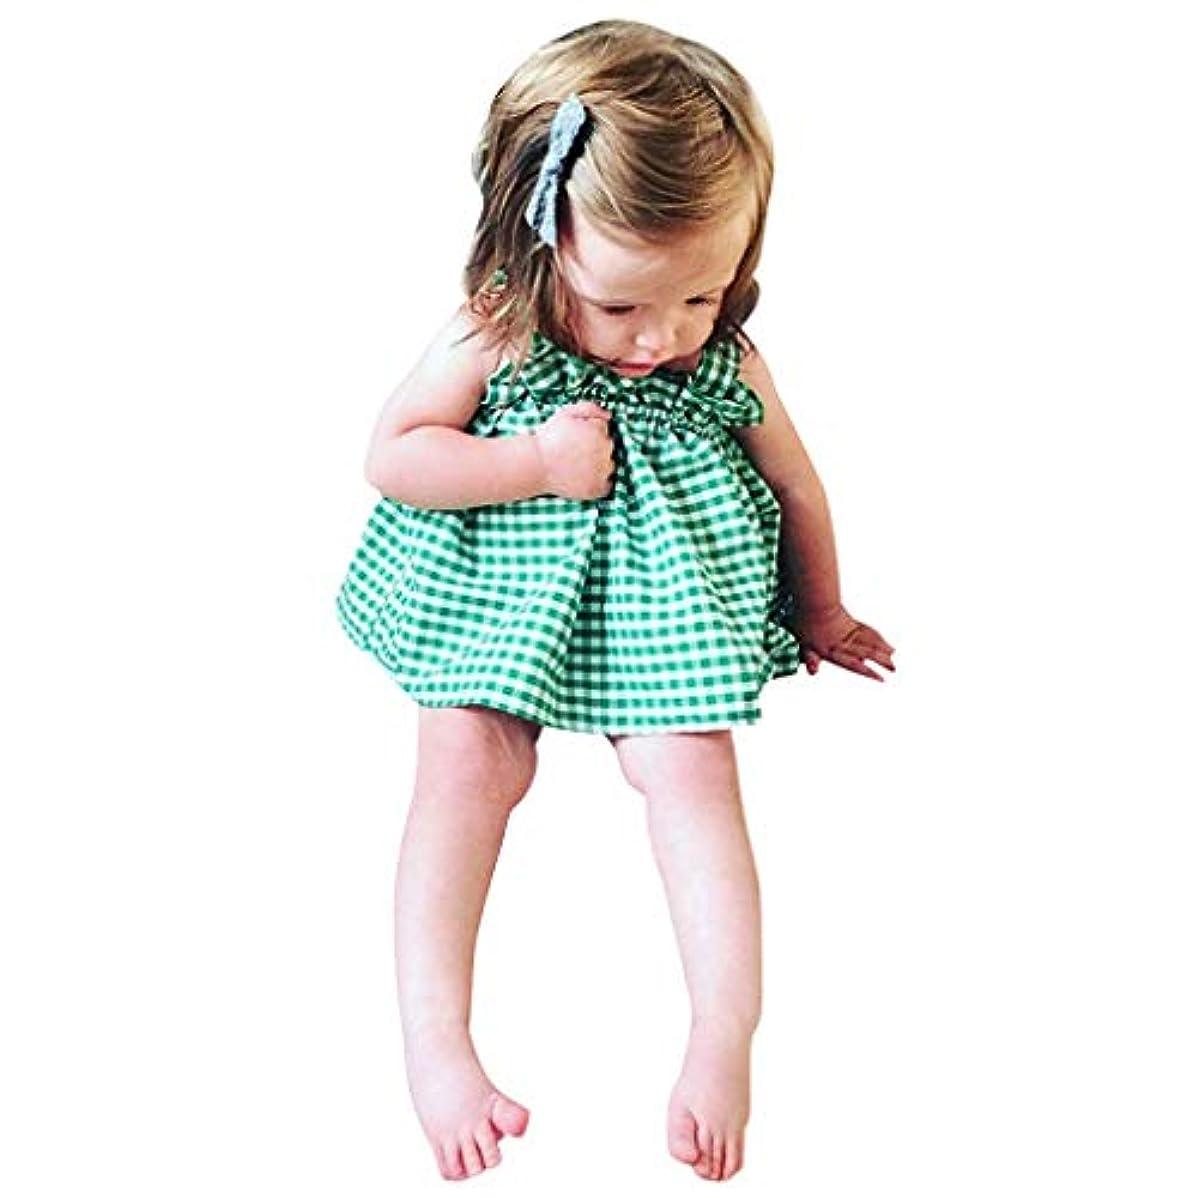 苦い揺れる一緒にキッズ服 Jopinica 6ヶ月~2歳 夏グリーンチェック柄サスペンダートップス?ブリーフセット お嬢様の記念日 子供の日ファッション女の子 ガールズ2点セット